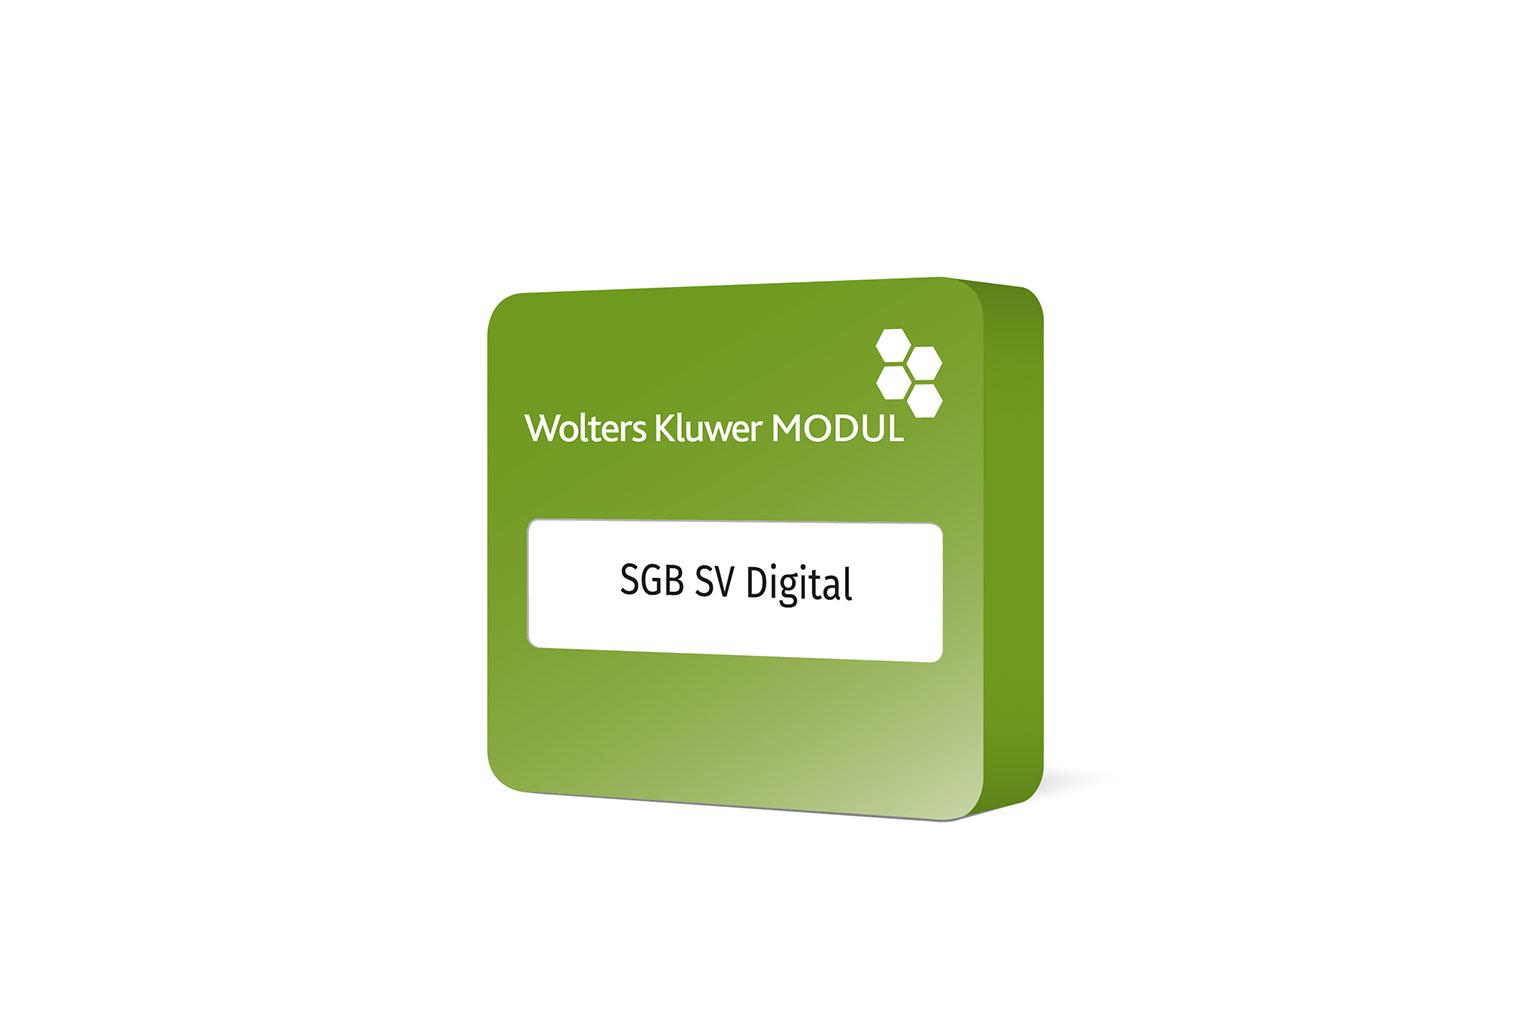 WKO-Modul-SGB-SV-Digital-1536x1024